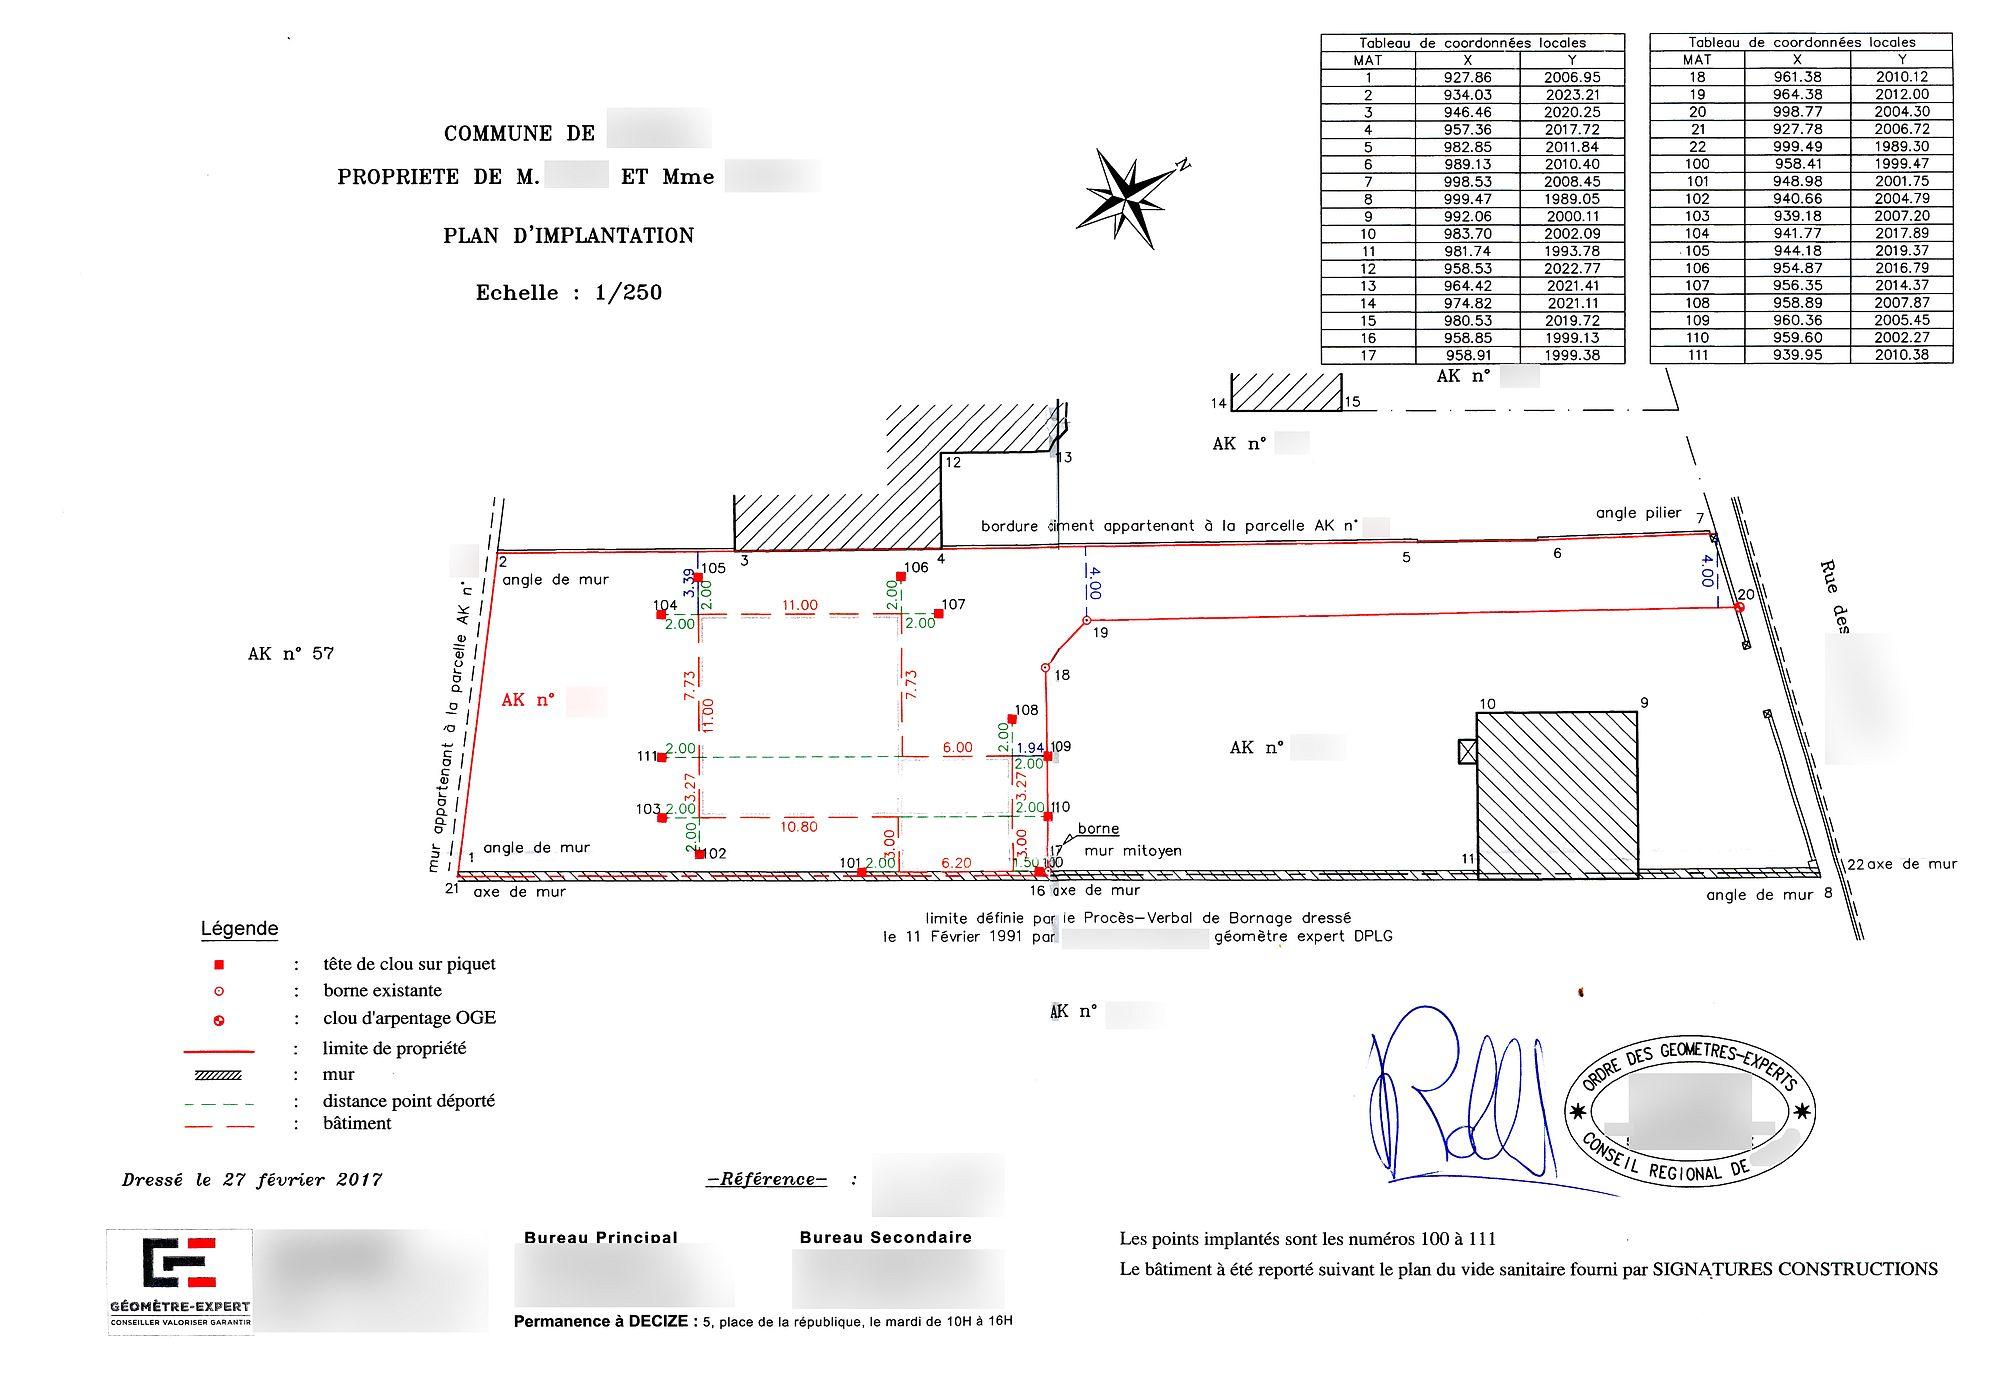 Plan d implantation de la maison par le g om tre nothrim for Plan implantation maison